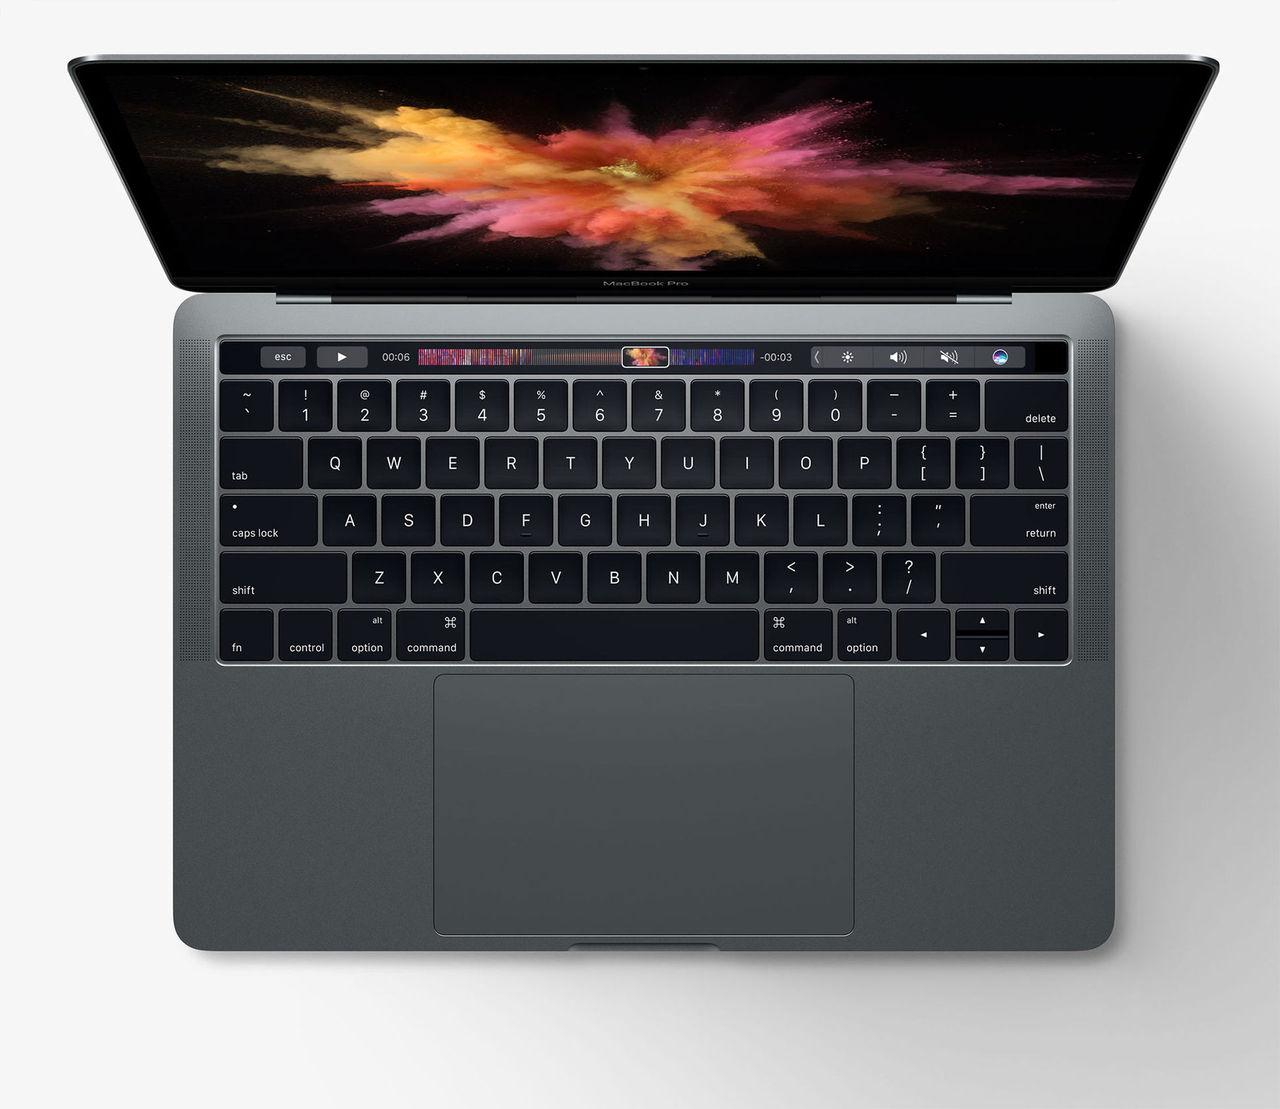 MacBook Pro-ägare vill att Apple byter ut deras tangentbord